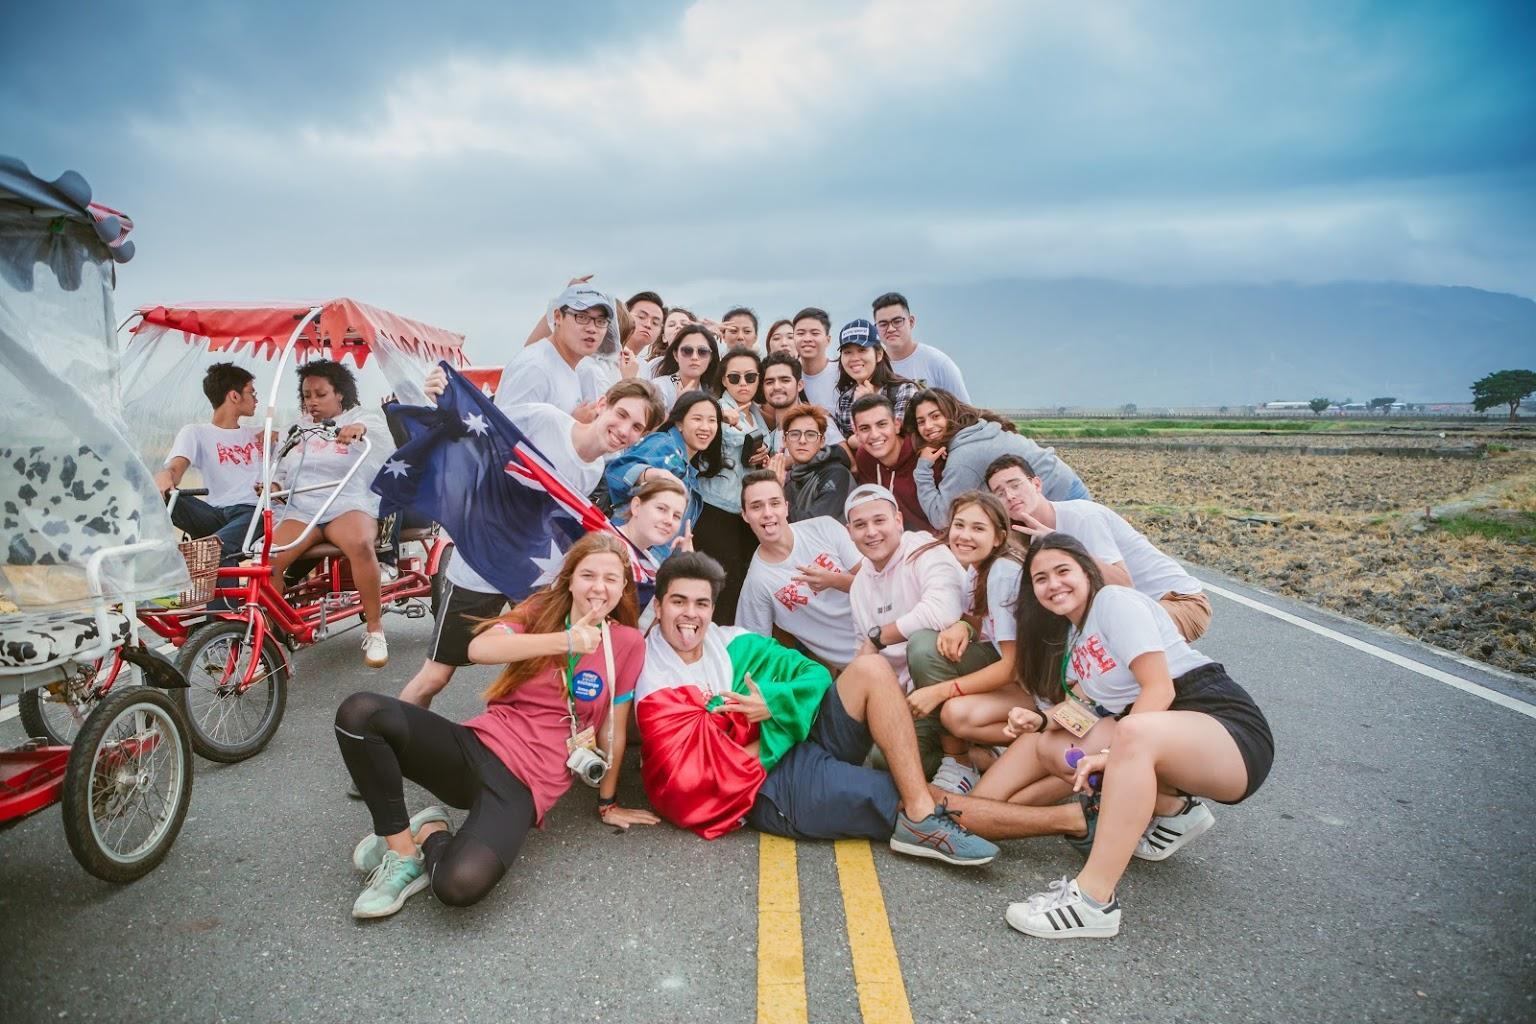 <b>Natálie Šebestová: Výměnný středoškolský pobyt na Taiwanu i v době covidové</b>